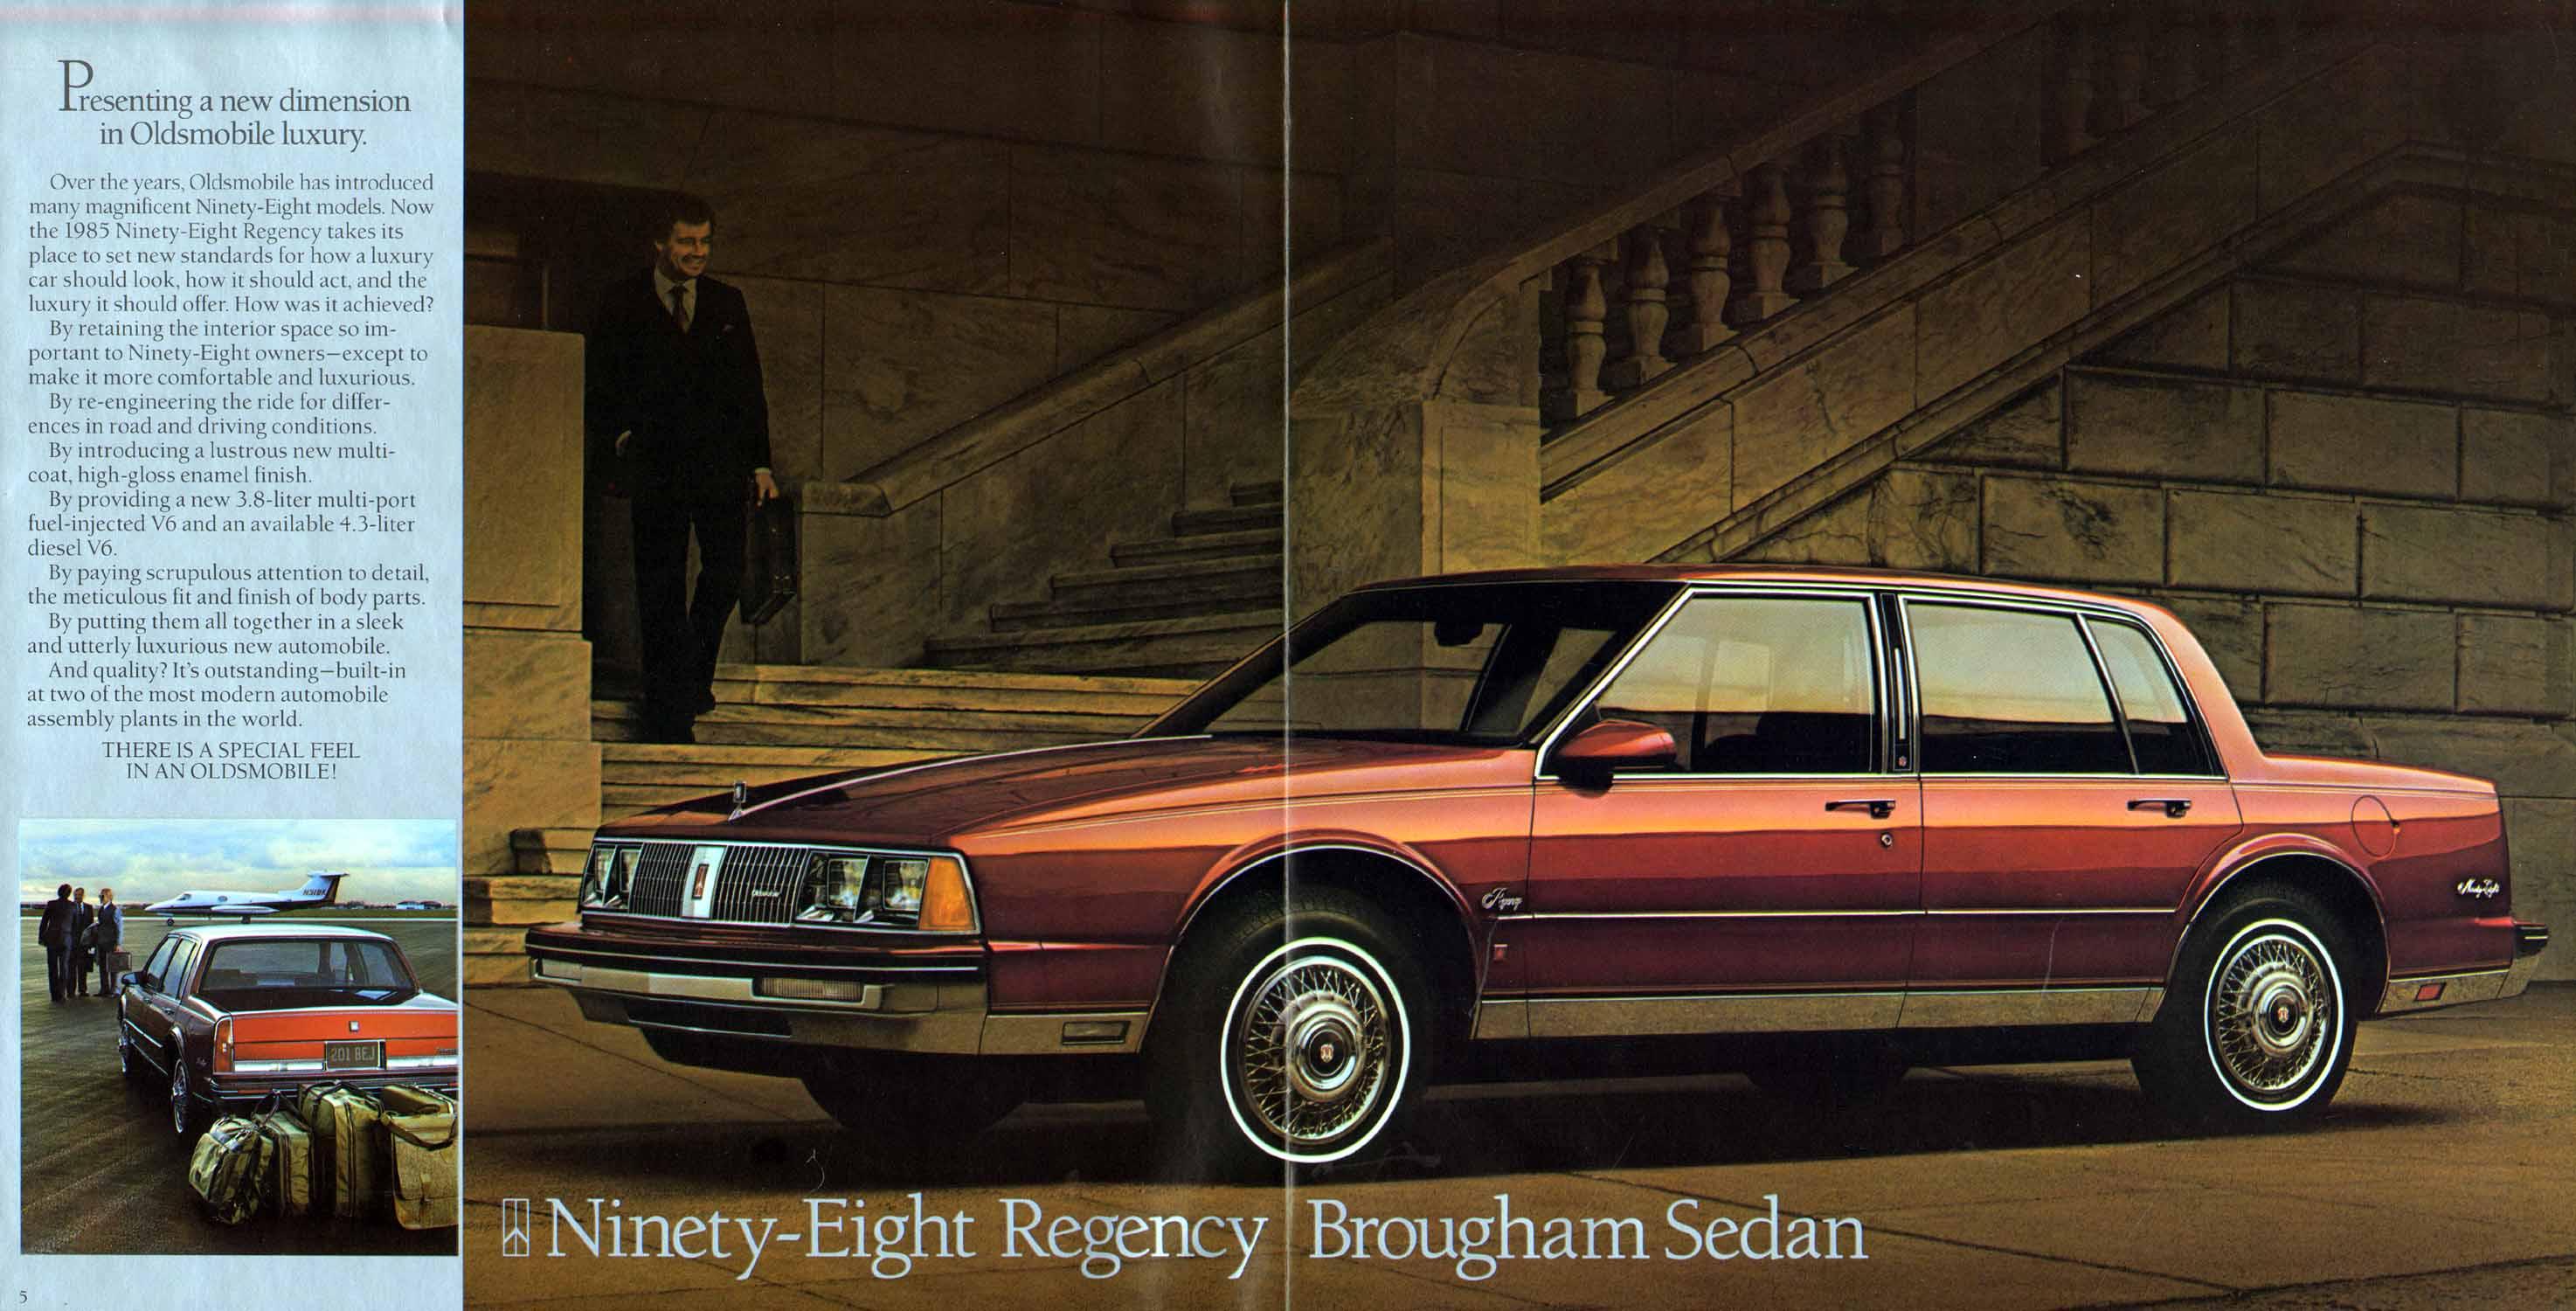 1985 oldsmobile ninety eight regency sedan eighties cars. Black Bedroom Furniture Sets. Home Design Ideas